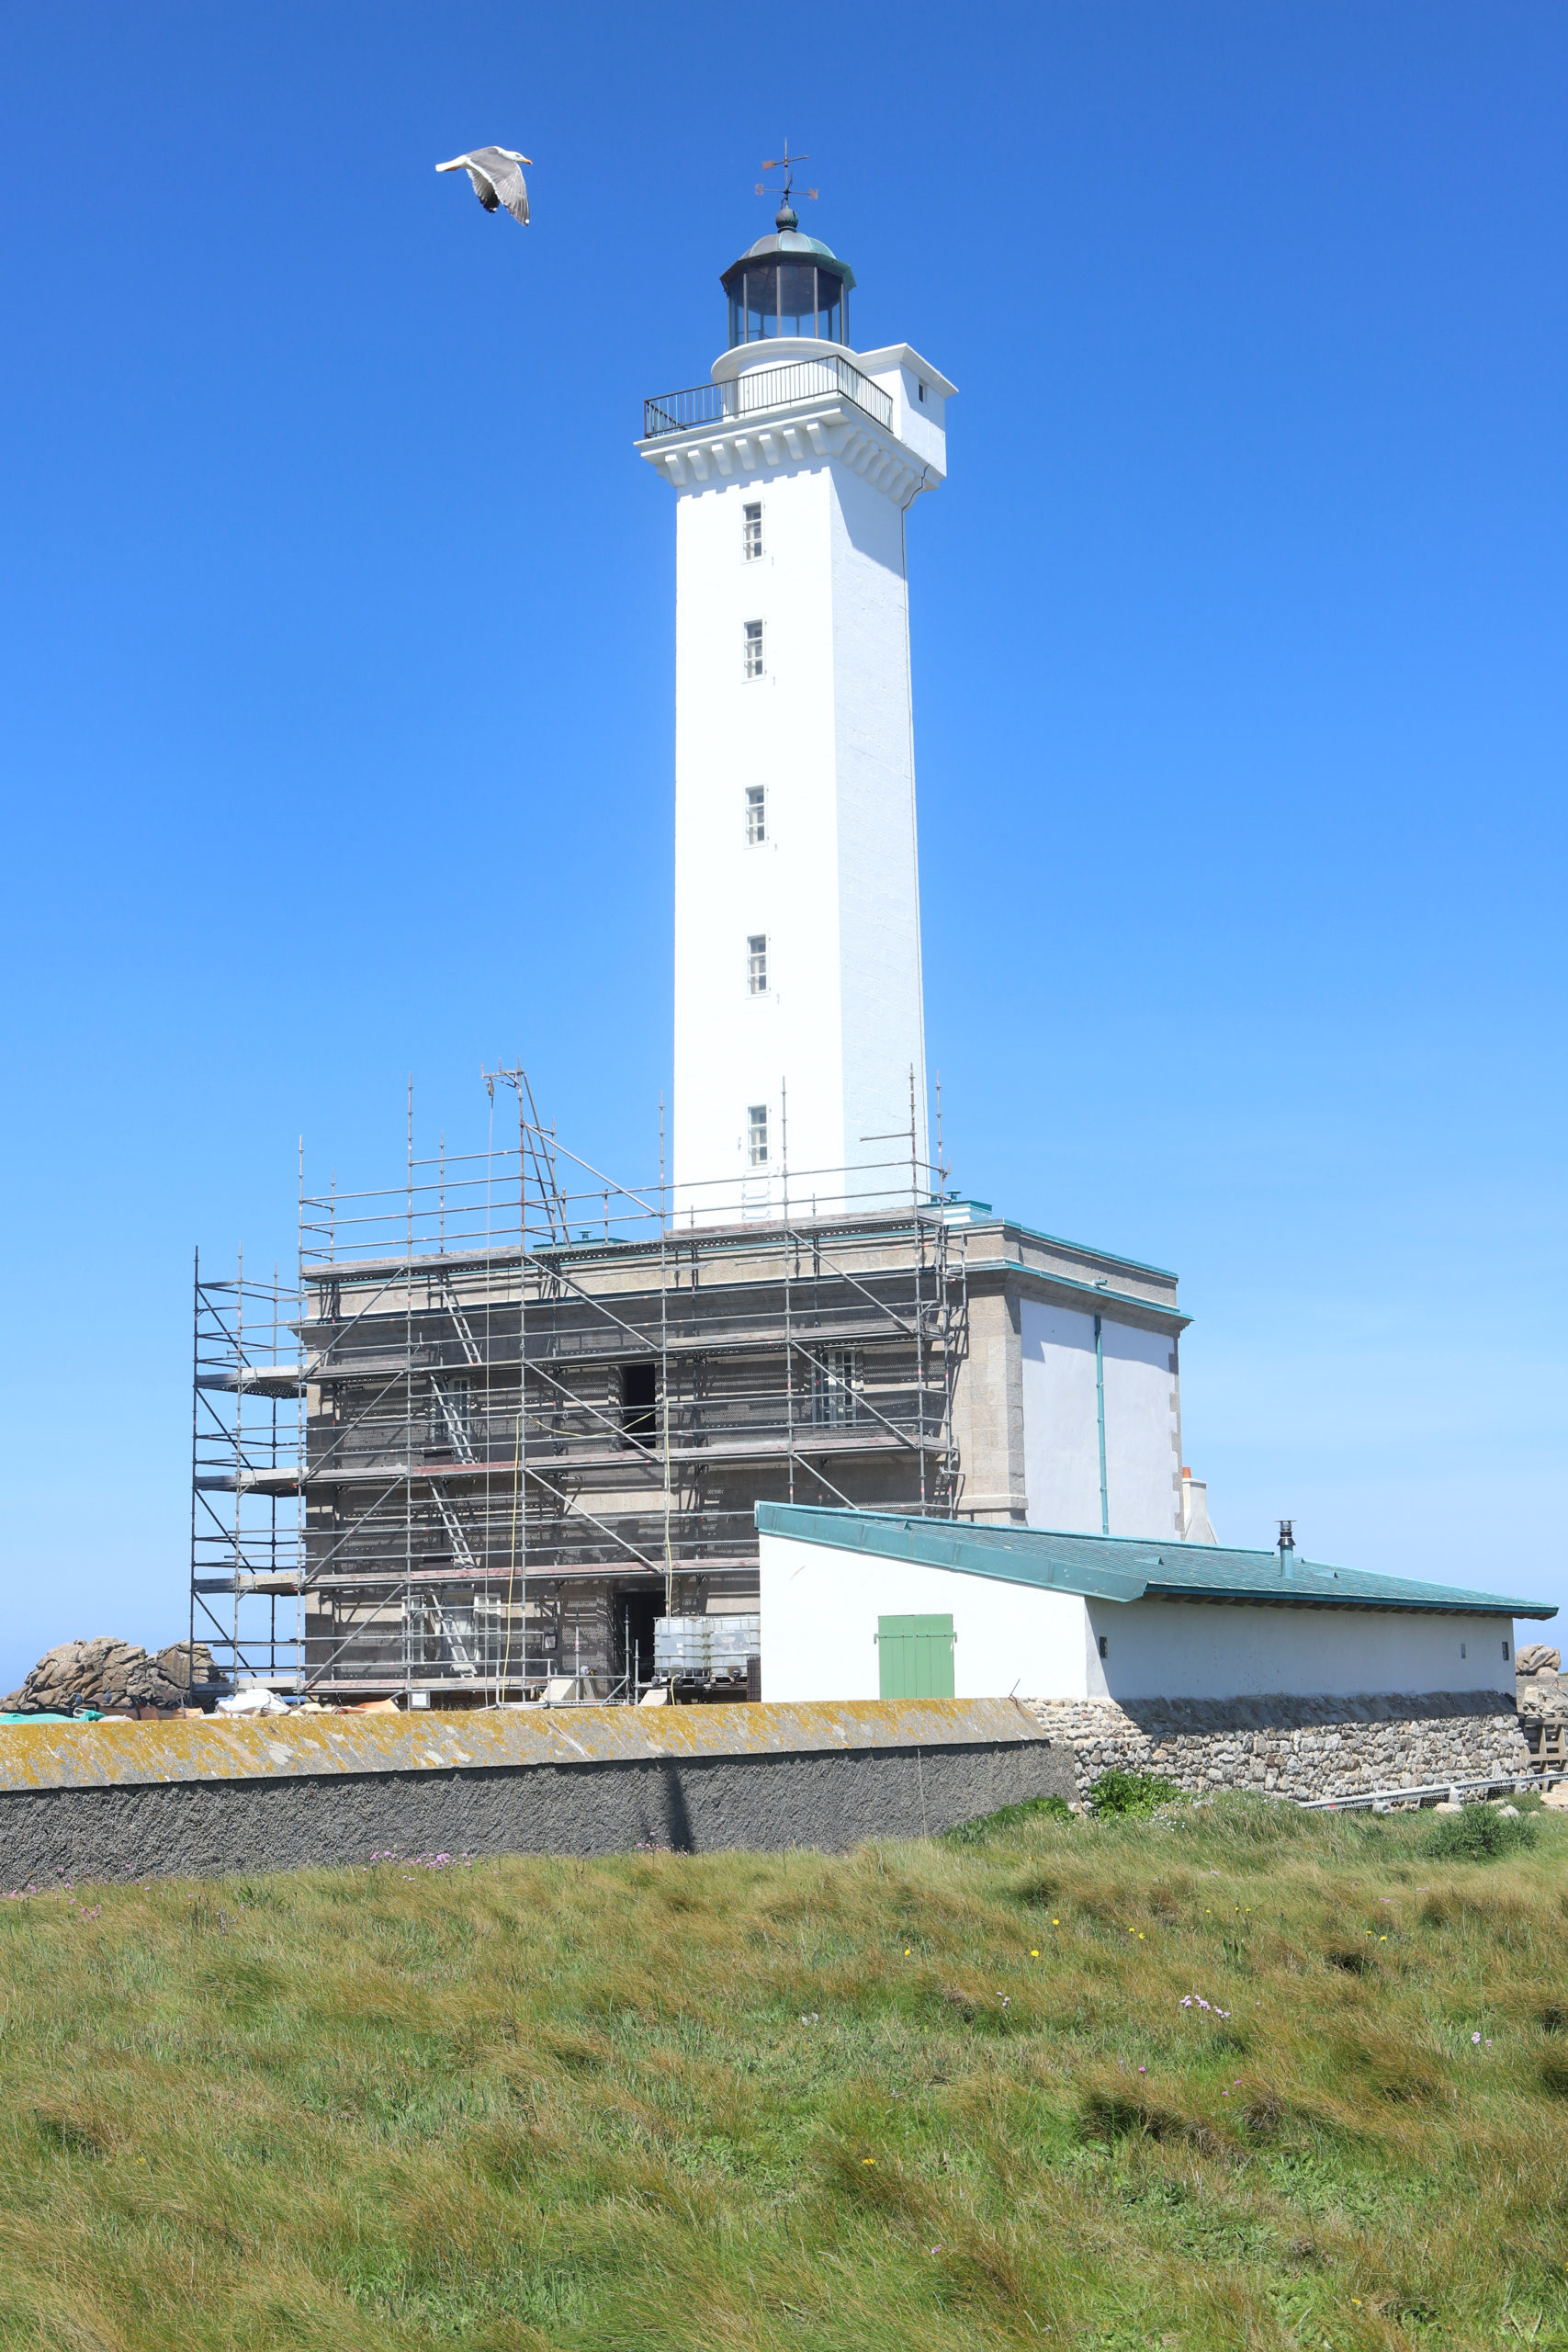 Vidéo #1 : les enjeux de la rénovation du vieux phare de l'ile vierge